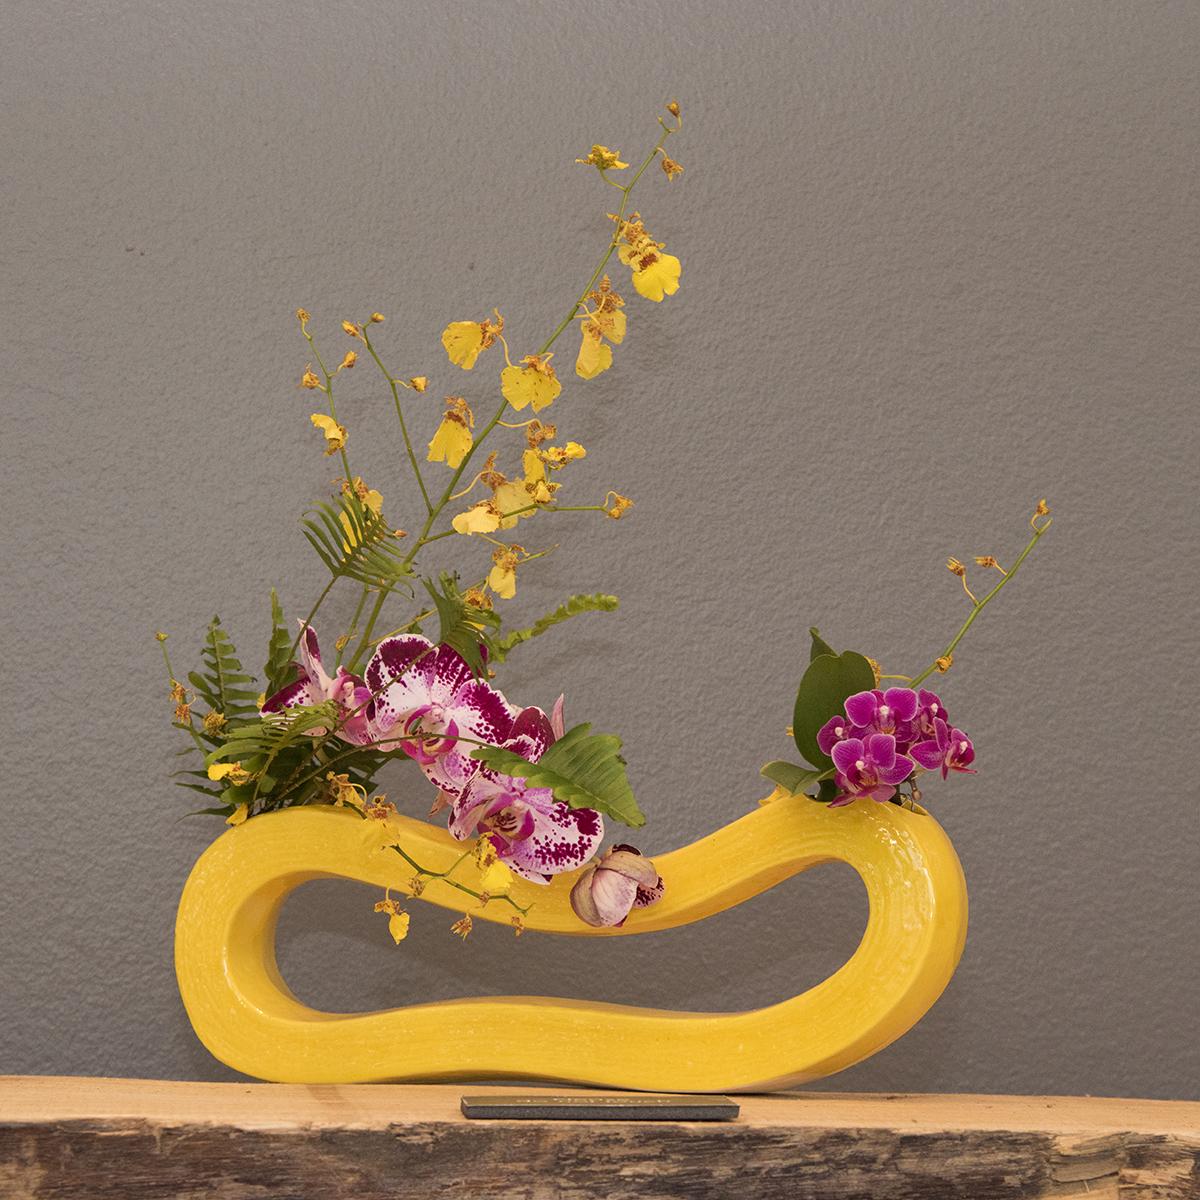 Orchid ikebana display